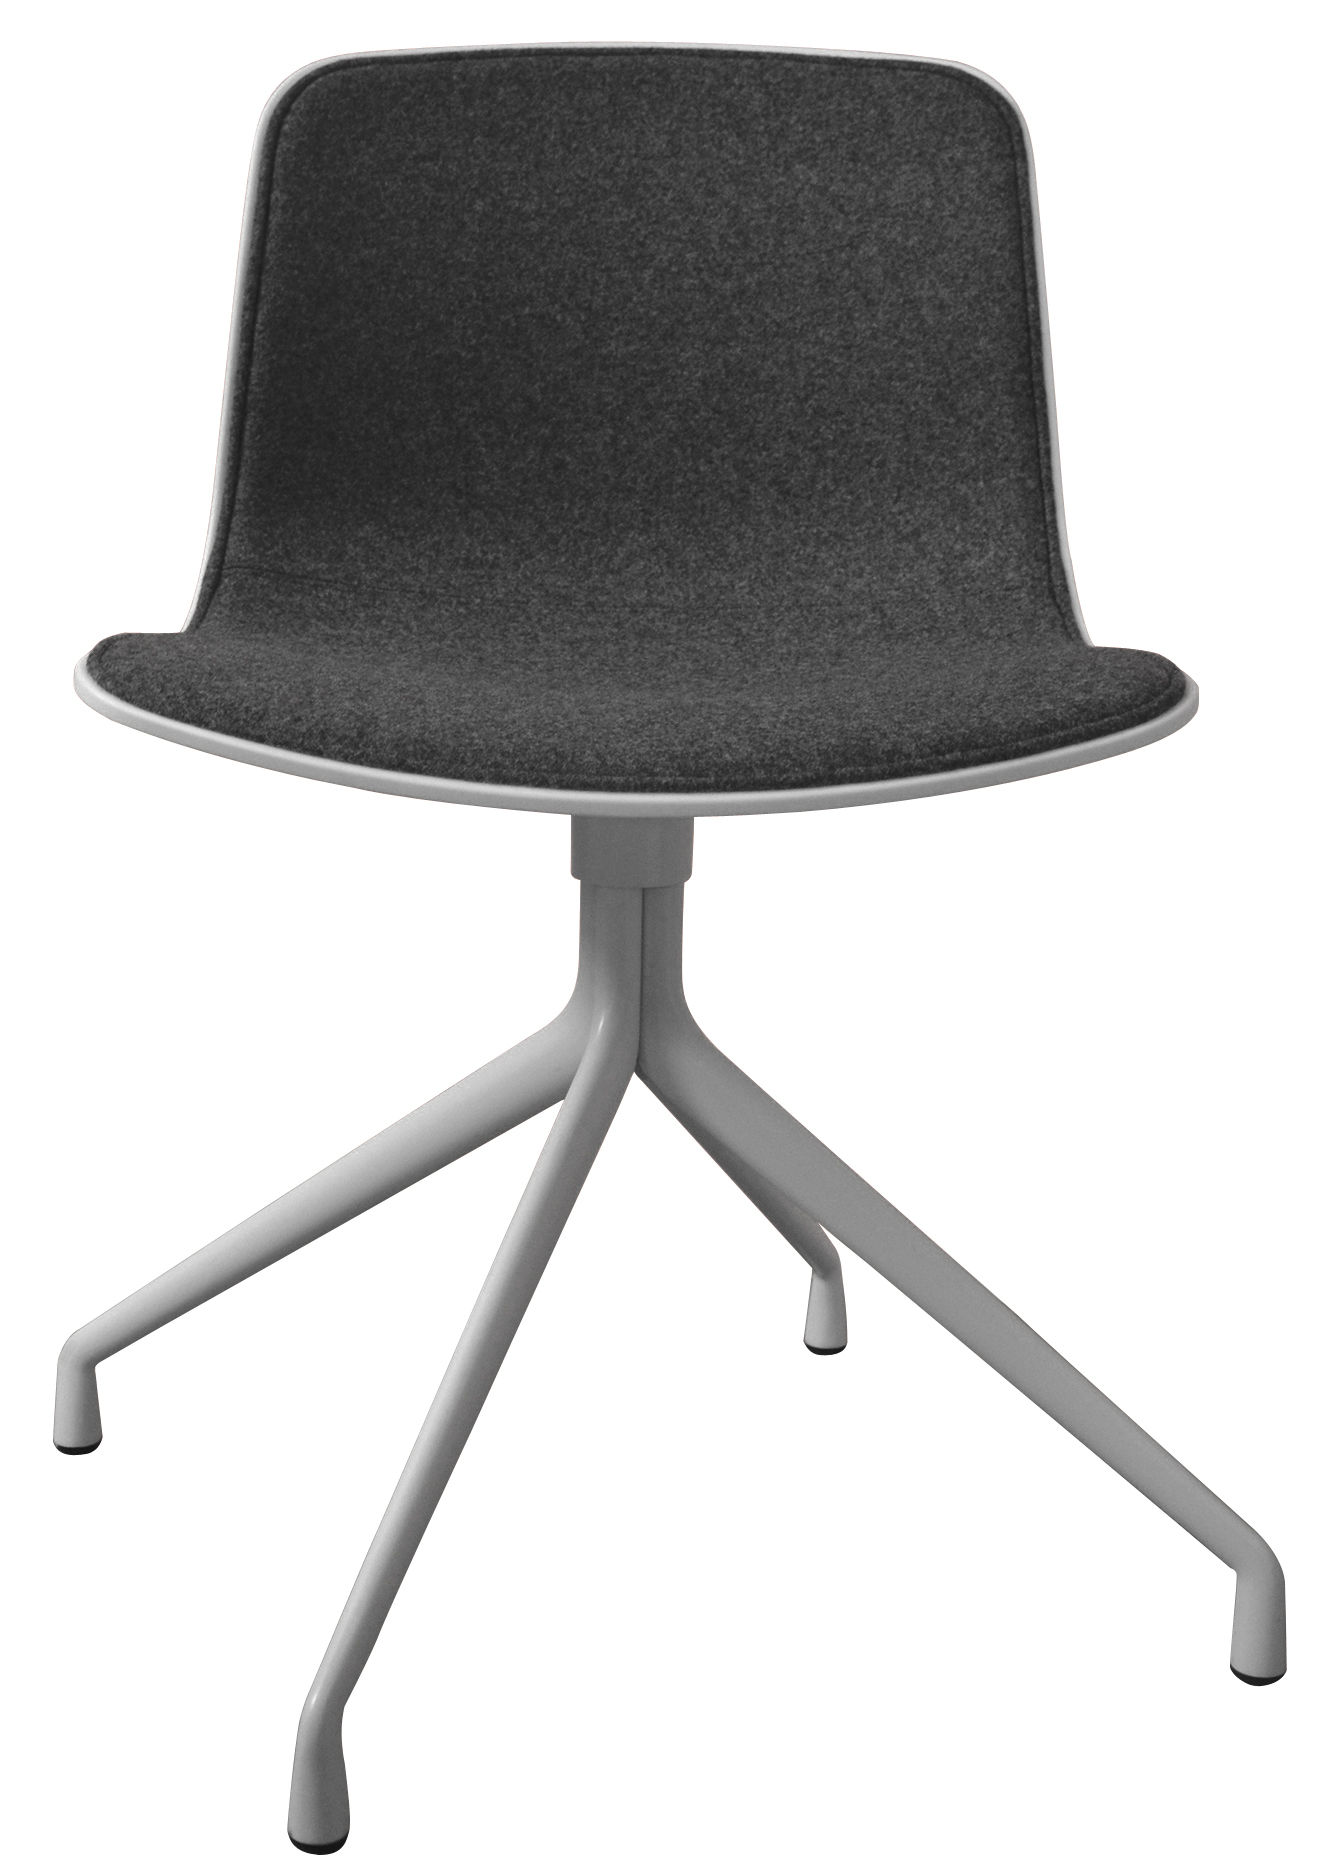 Mobilier - Chaises, fauteuils de salle à manger - Chaise pivotante About a chair / Rembourrée - Tissu - Hay - Blanc / Tissu gris - Fonte d'aluminium laqué, Mousse, Polypropylène, Tissu Kvadrat